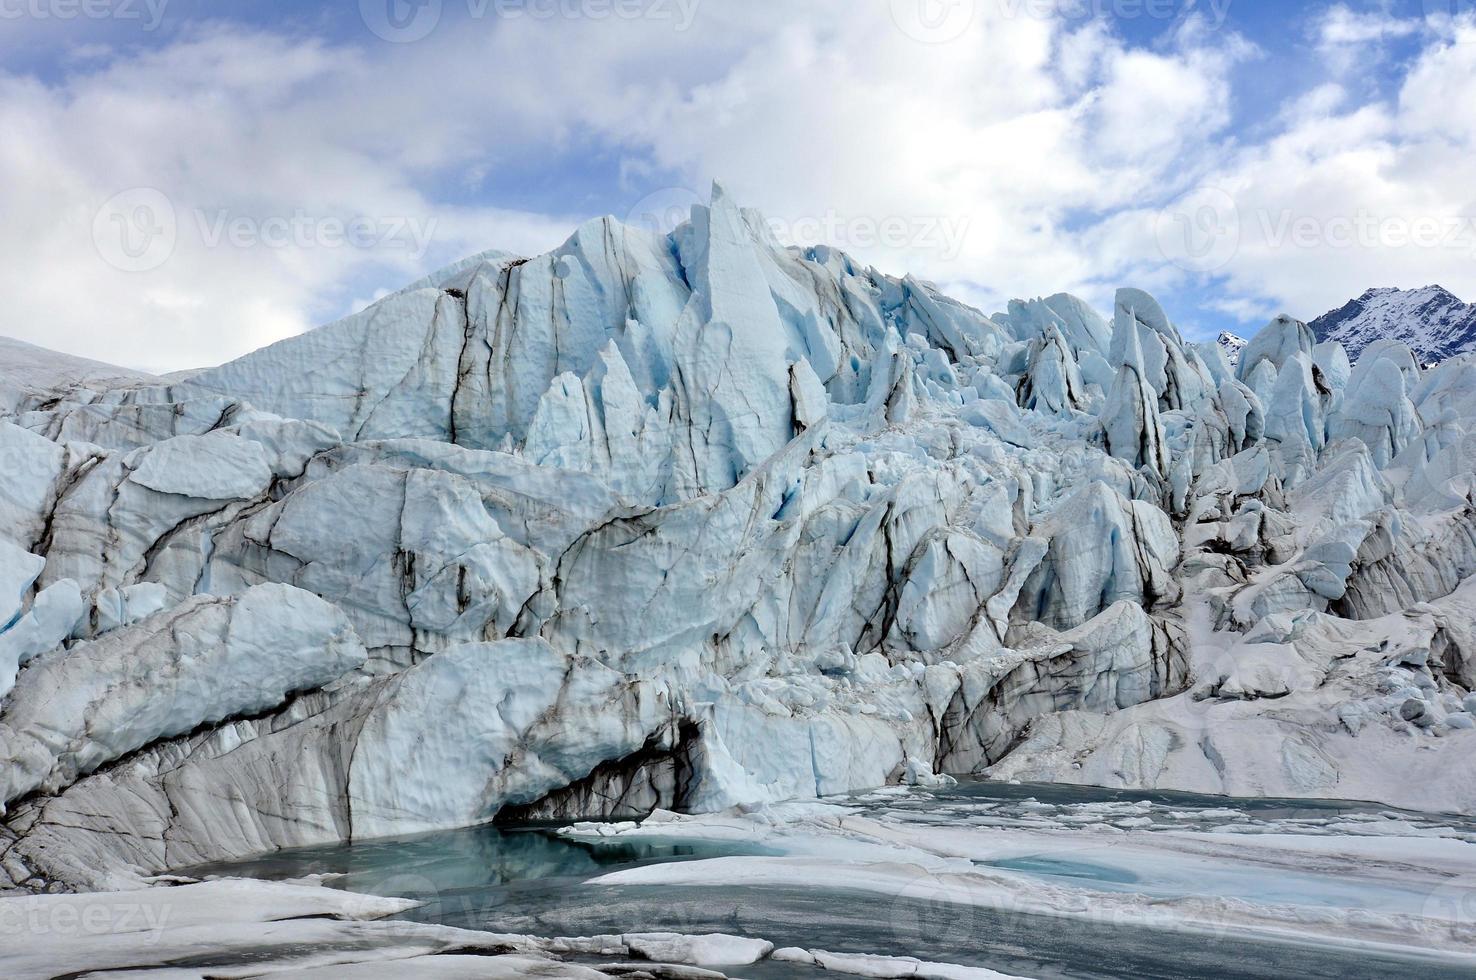 blauw ijs en meer bij een gletsjer foto